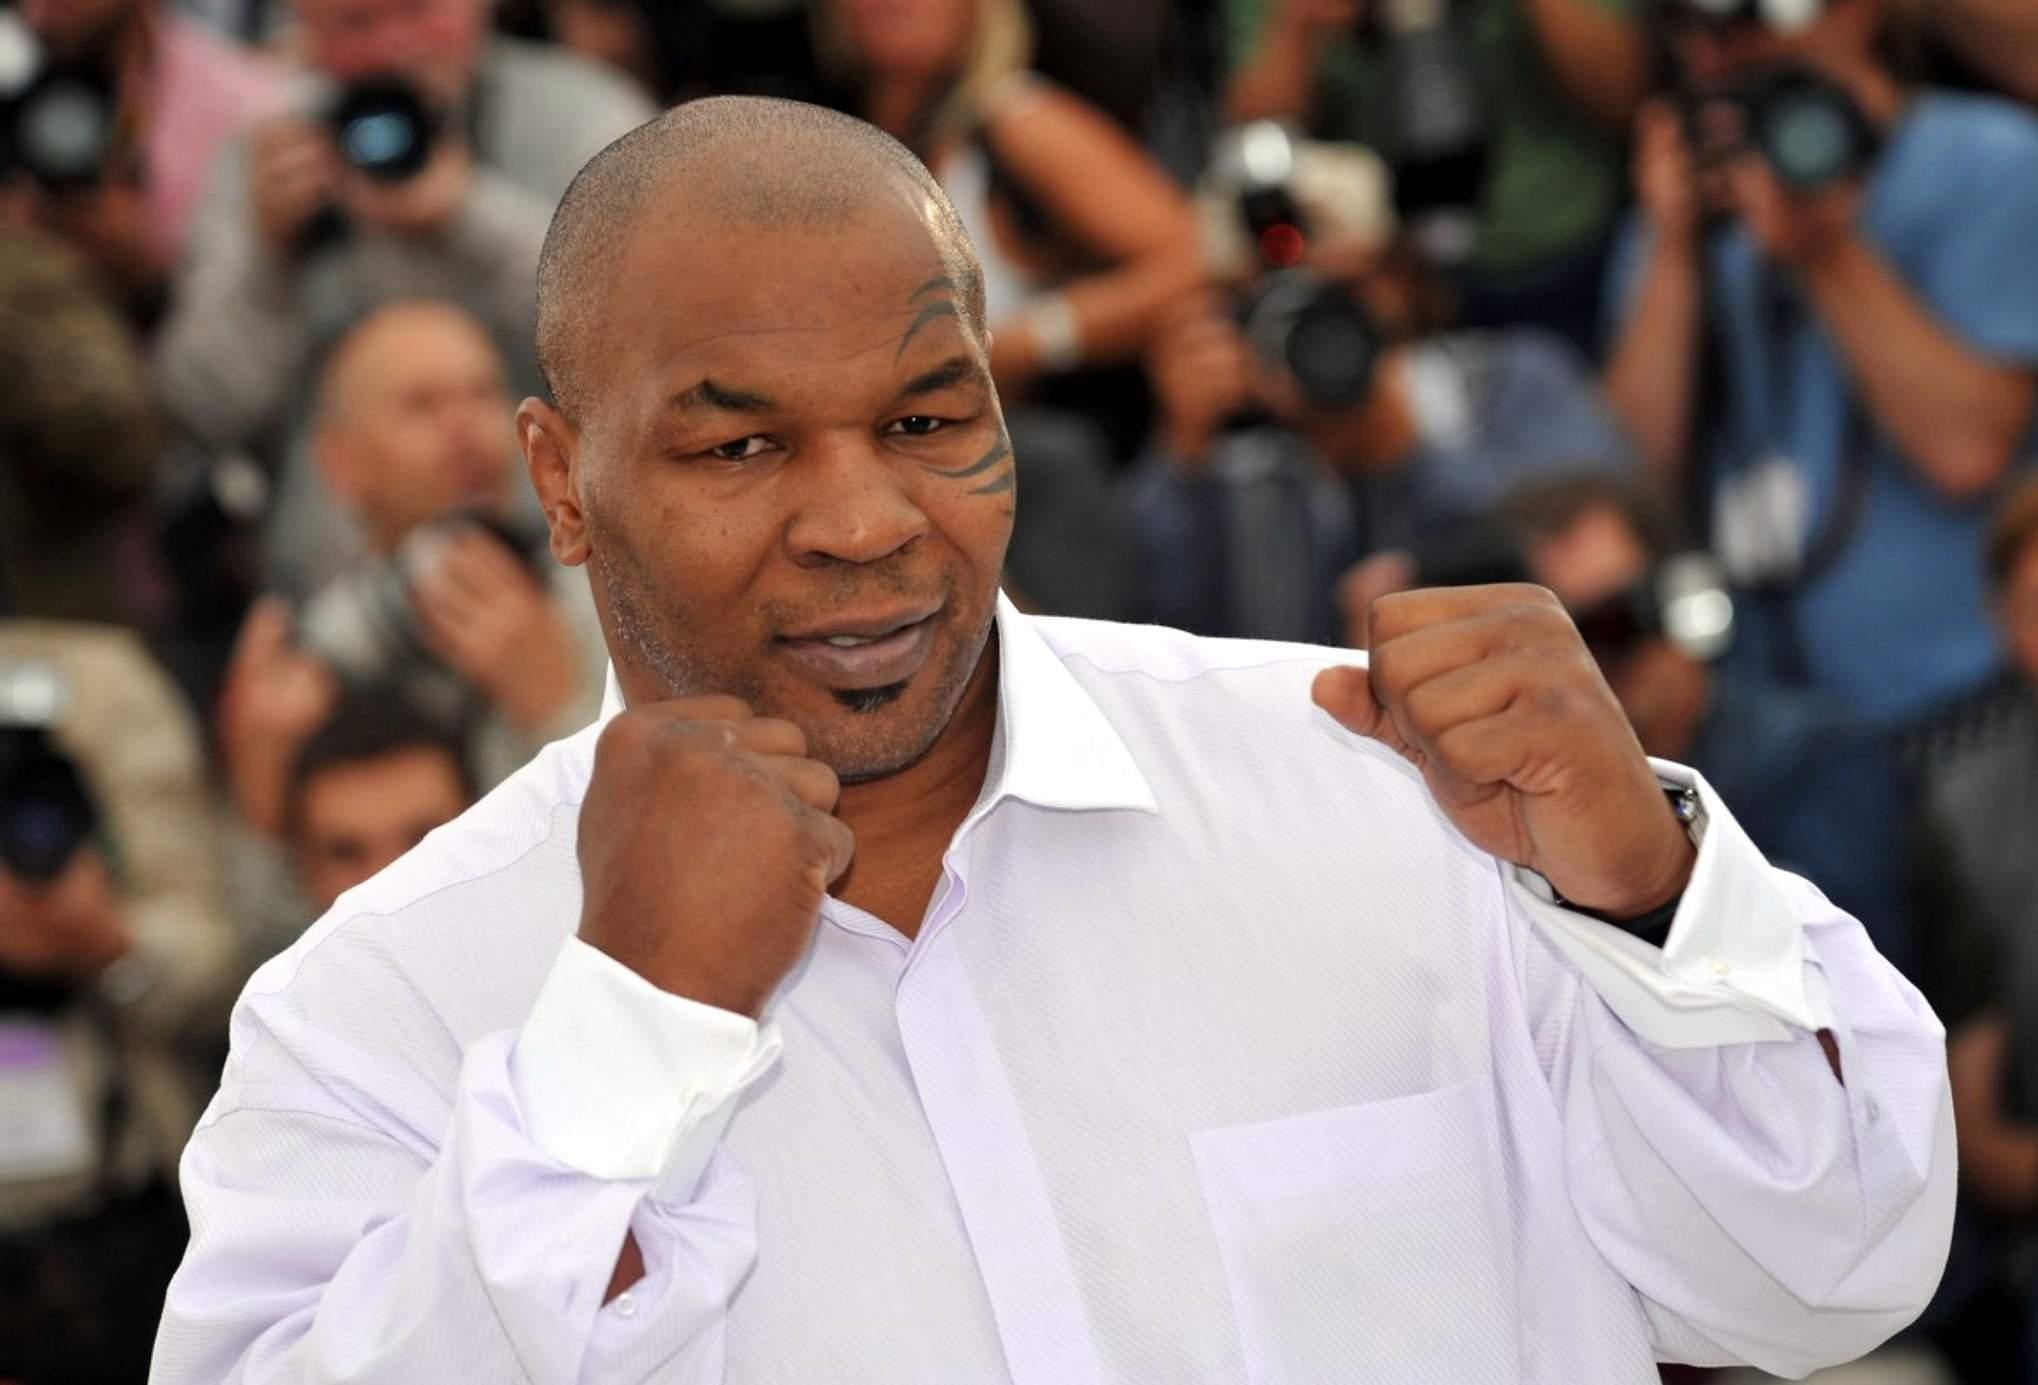 Tyson fue víctima de abusos sexuales cuando era niño